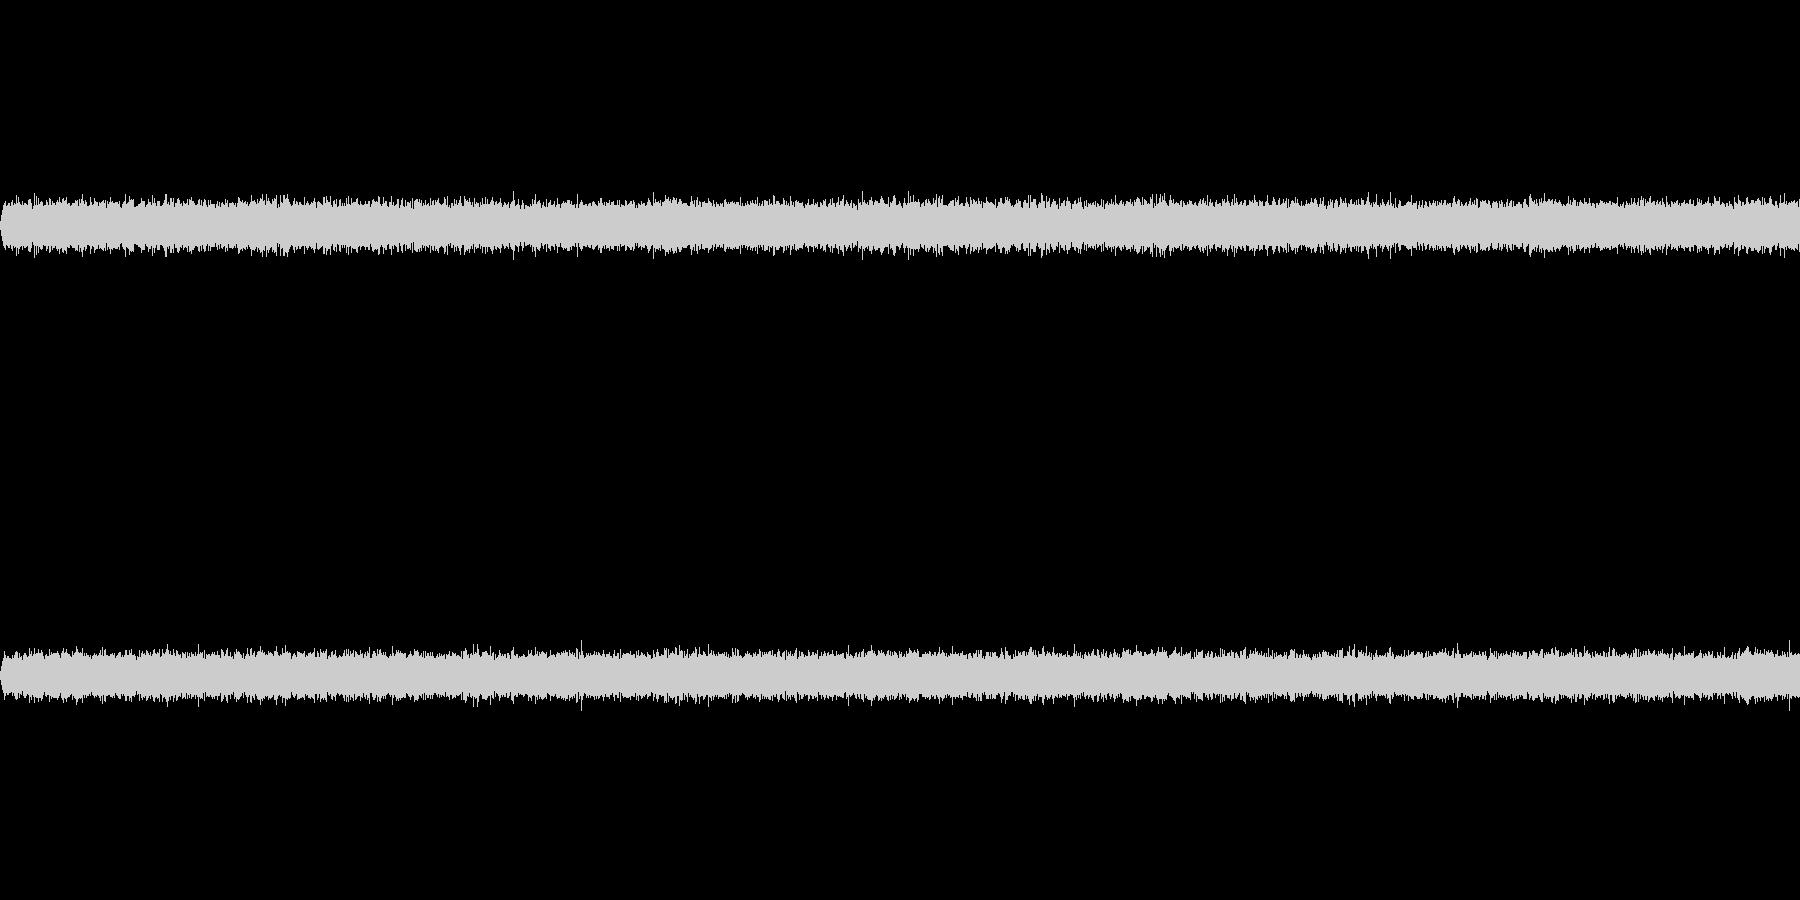 マイクノイズの未再生の波形